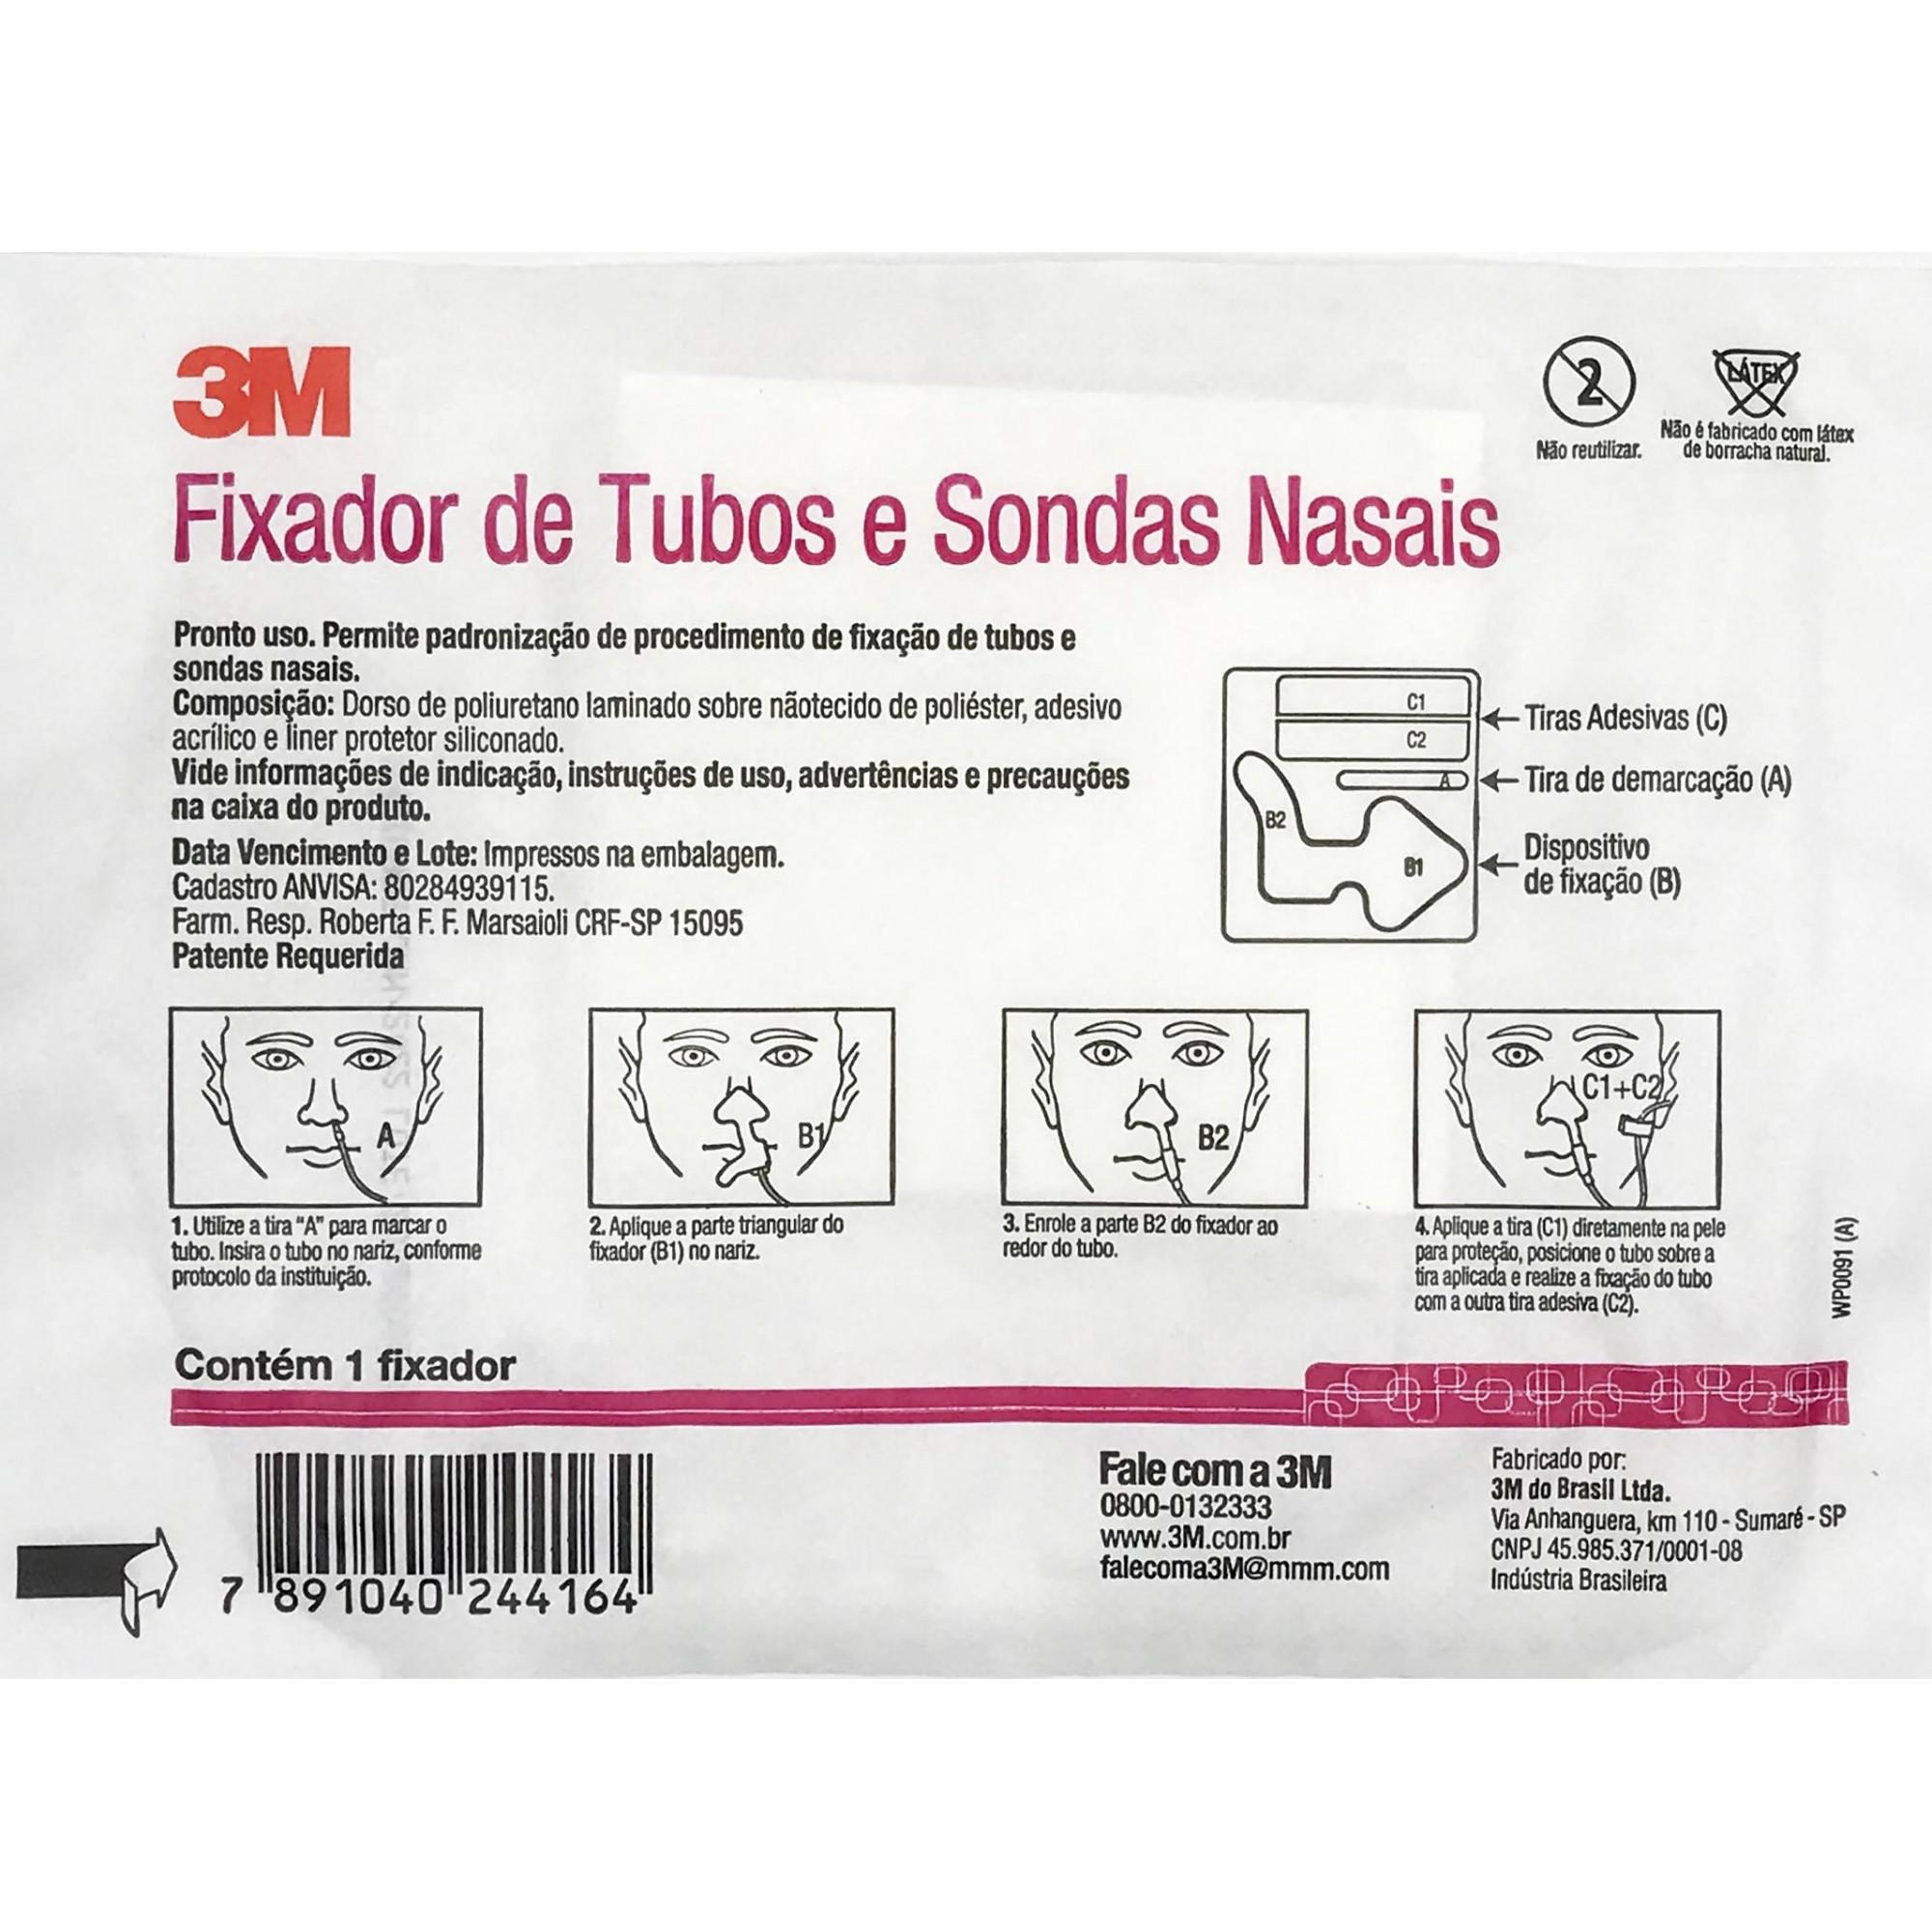 Fixador de Tubos e Sonda Nasais - 3M